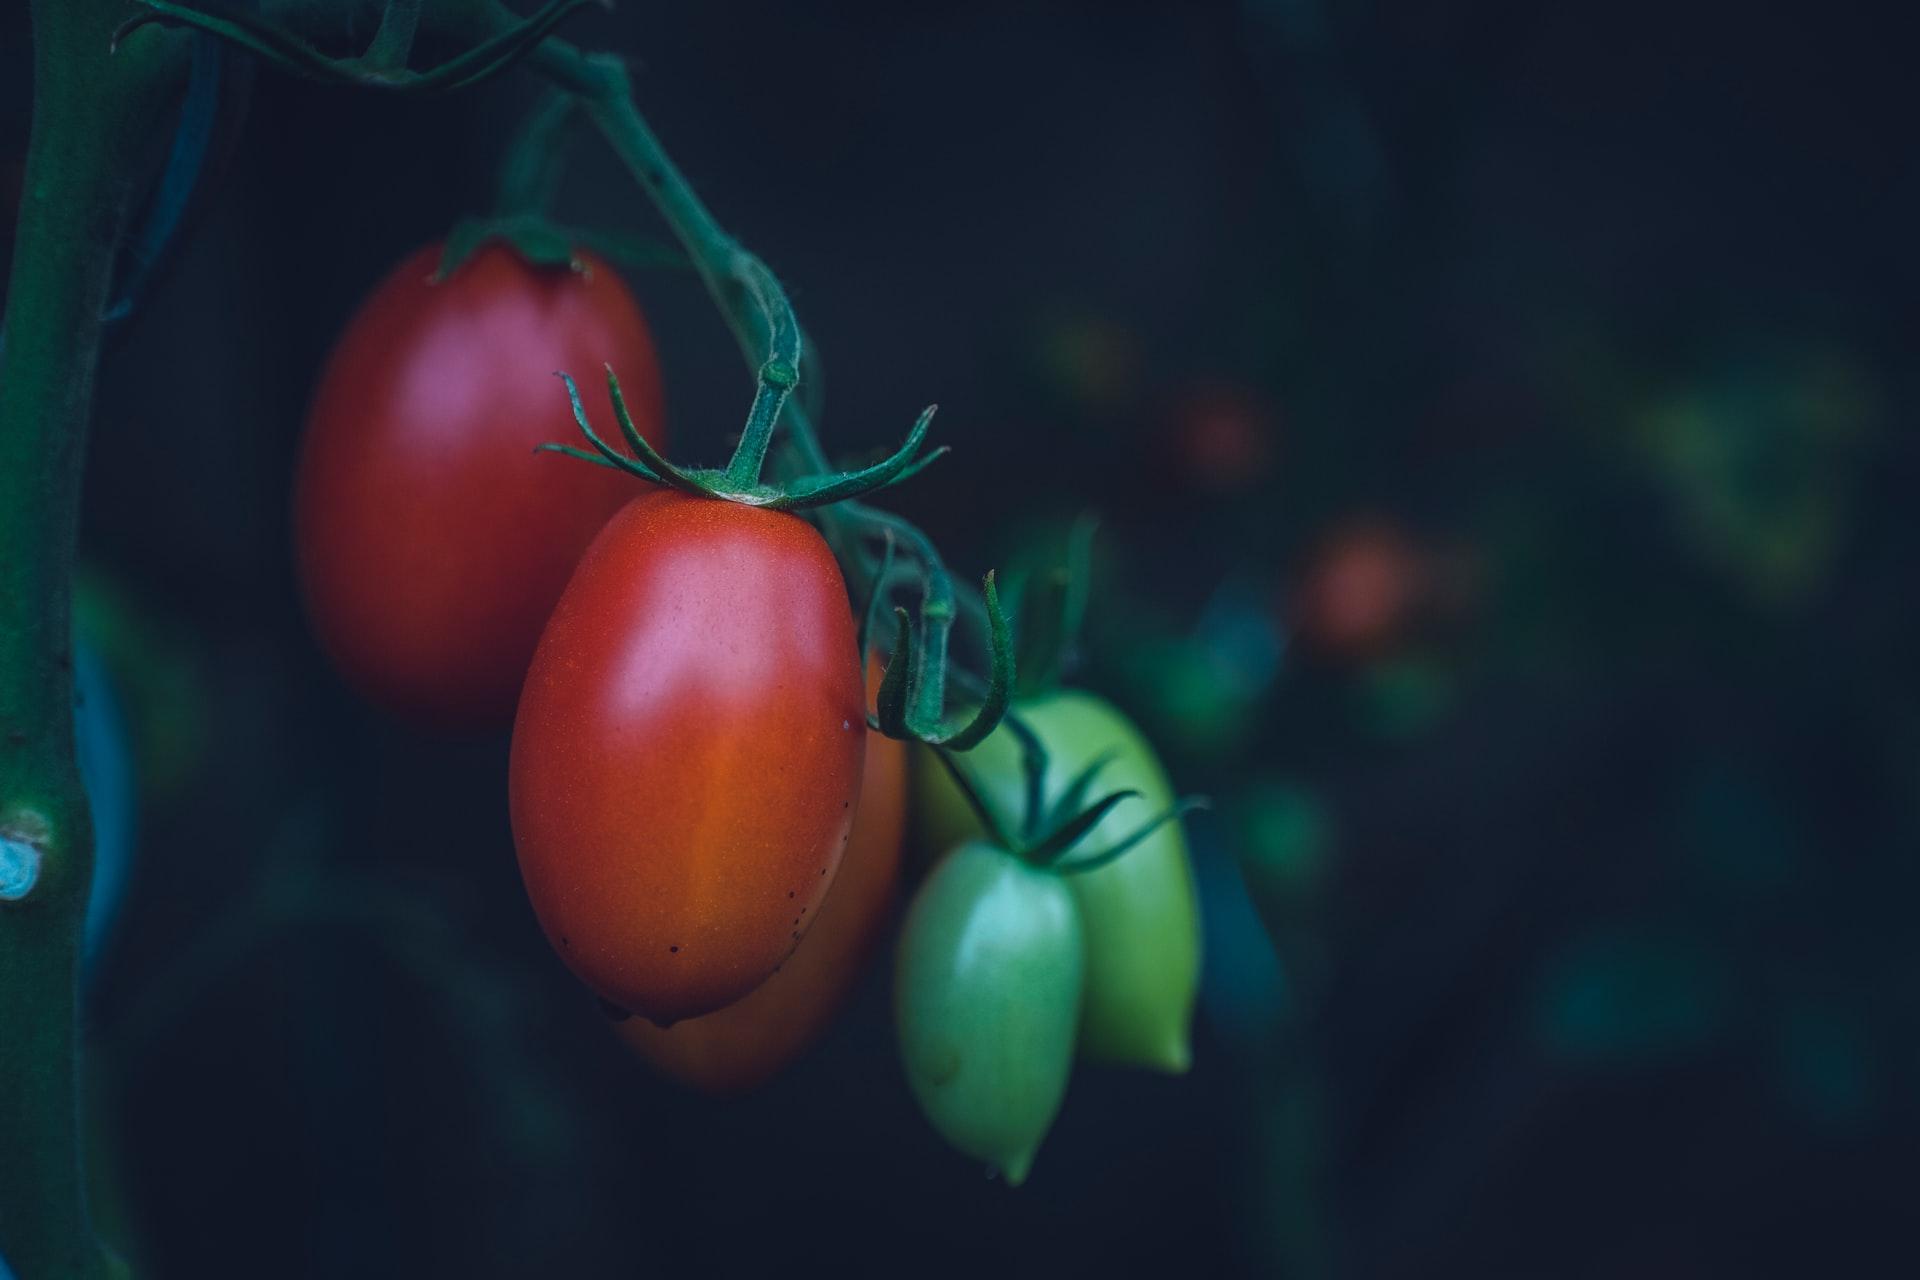 Tomaten am Strauch für Tomatensaucen